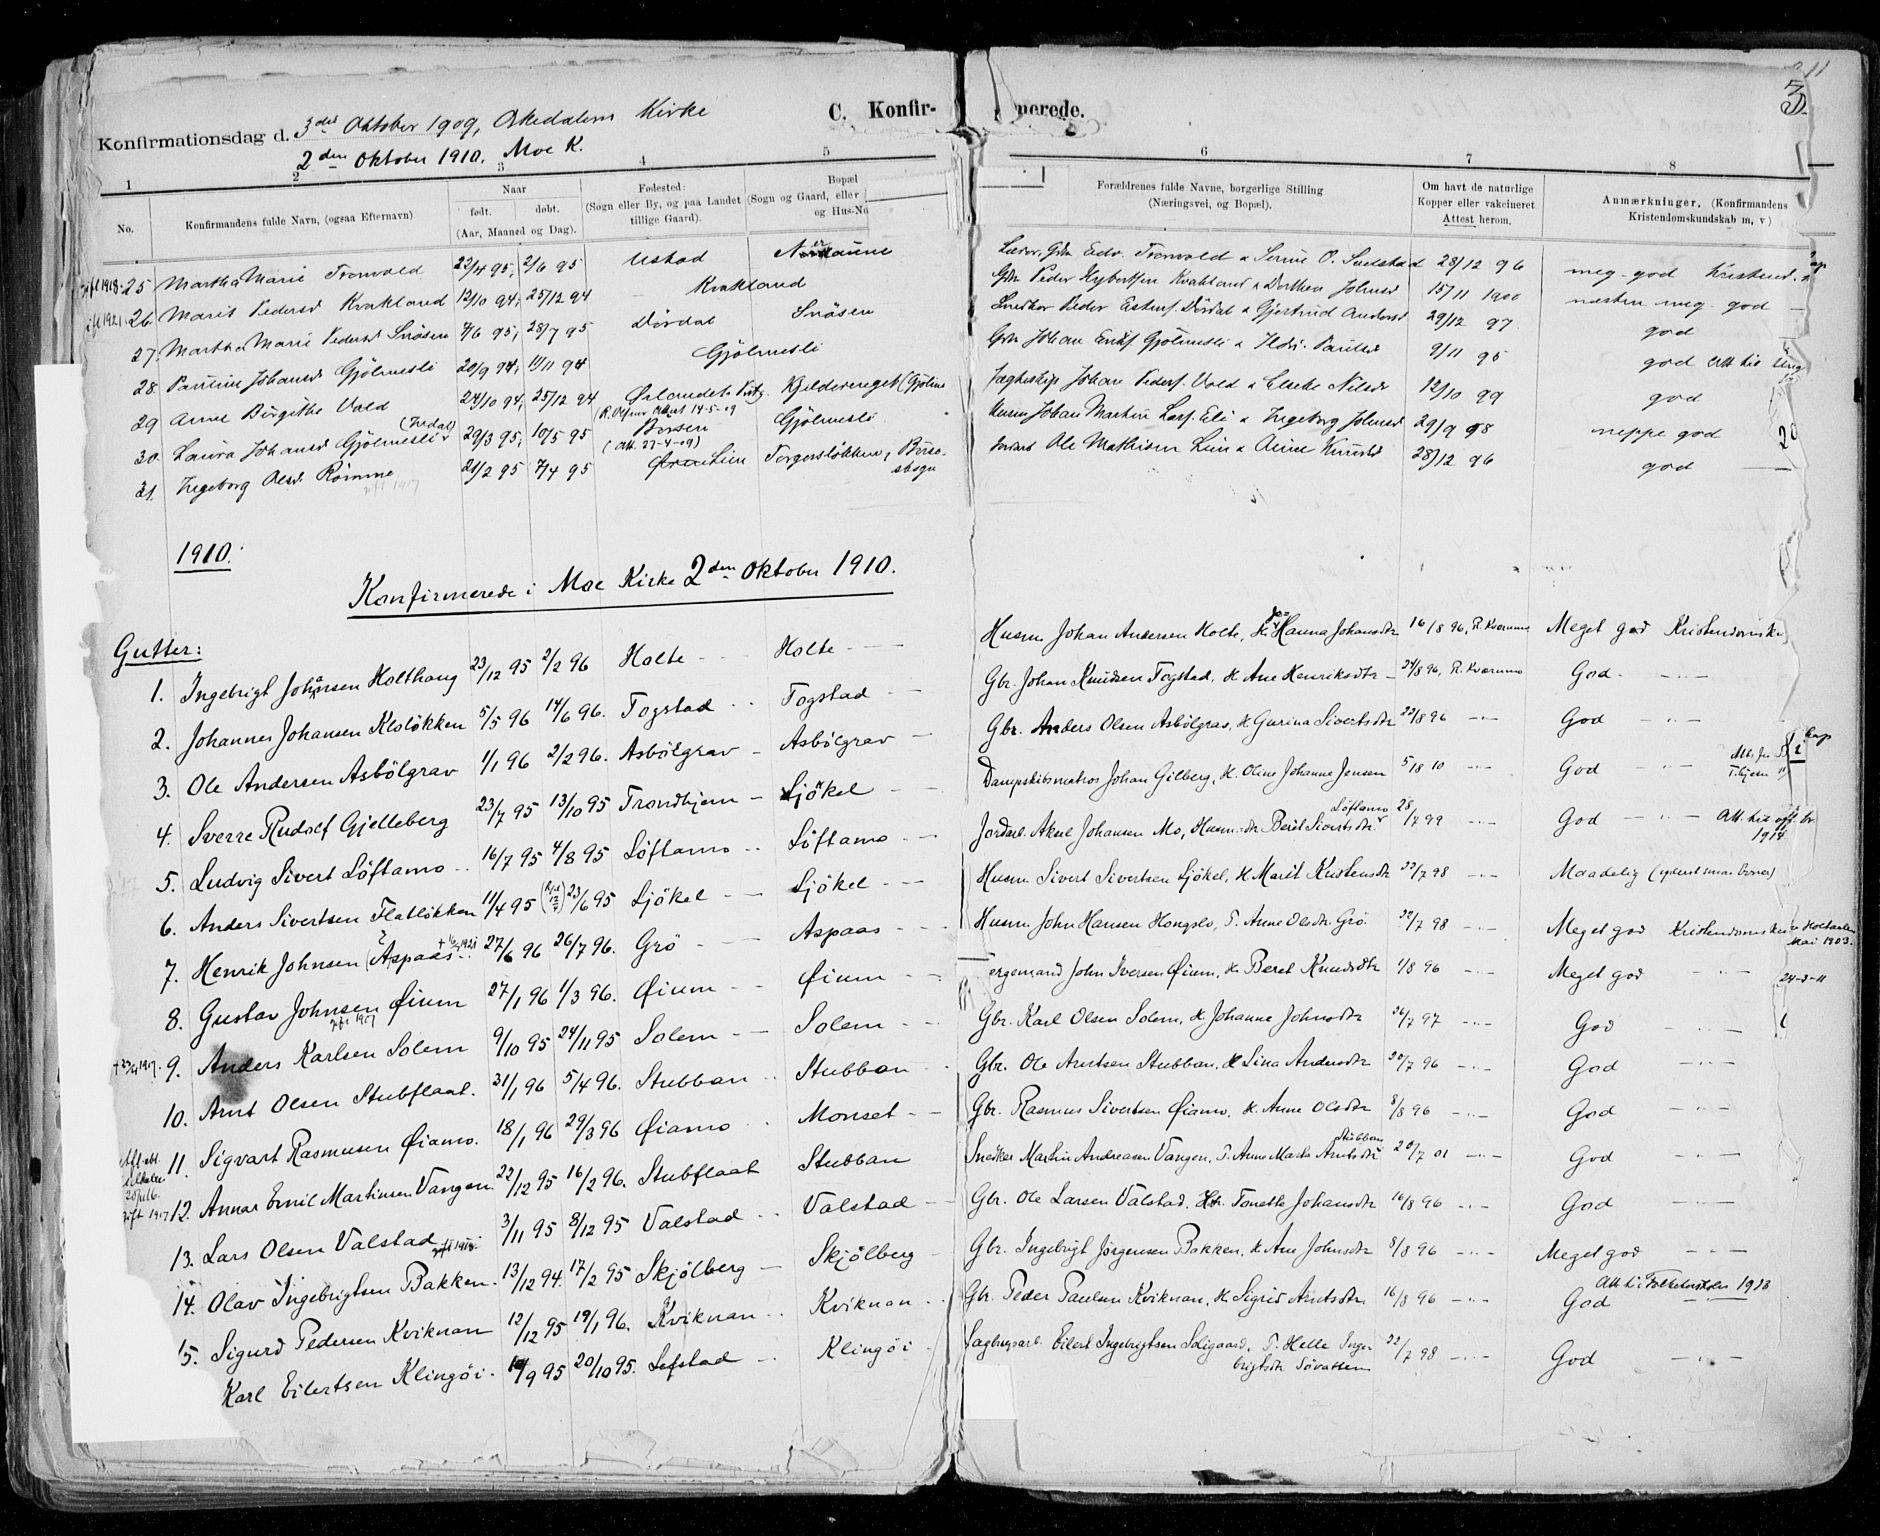 SAT, Ministerialprotokoller, klokkerbøker og fødselsregistre - Sør-Trøndelag, 668/L0811: Ministerialbok nr. 668A11, 1894-1913, s. 310